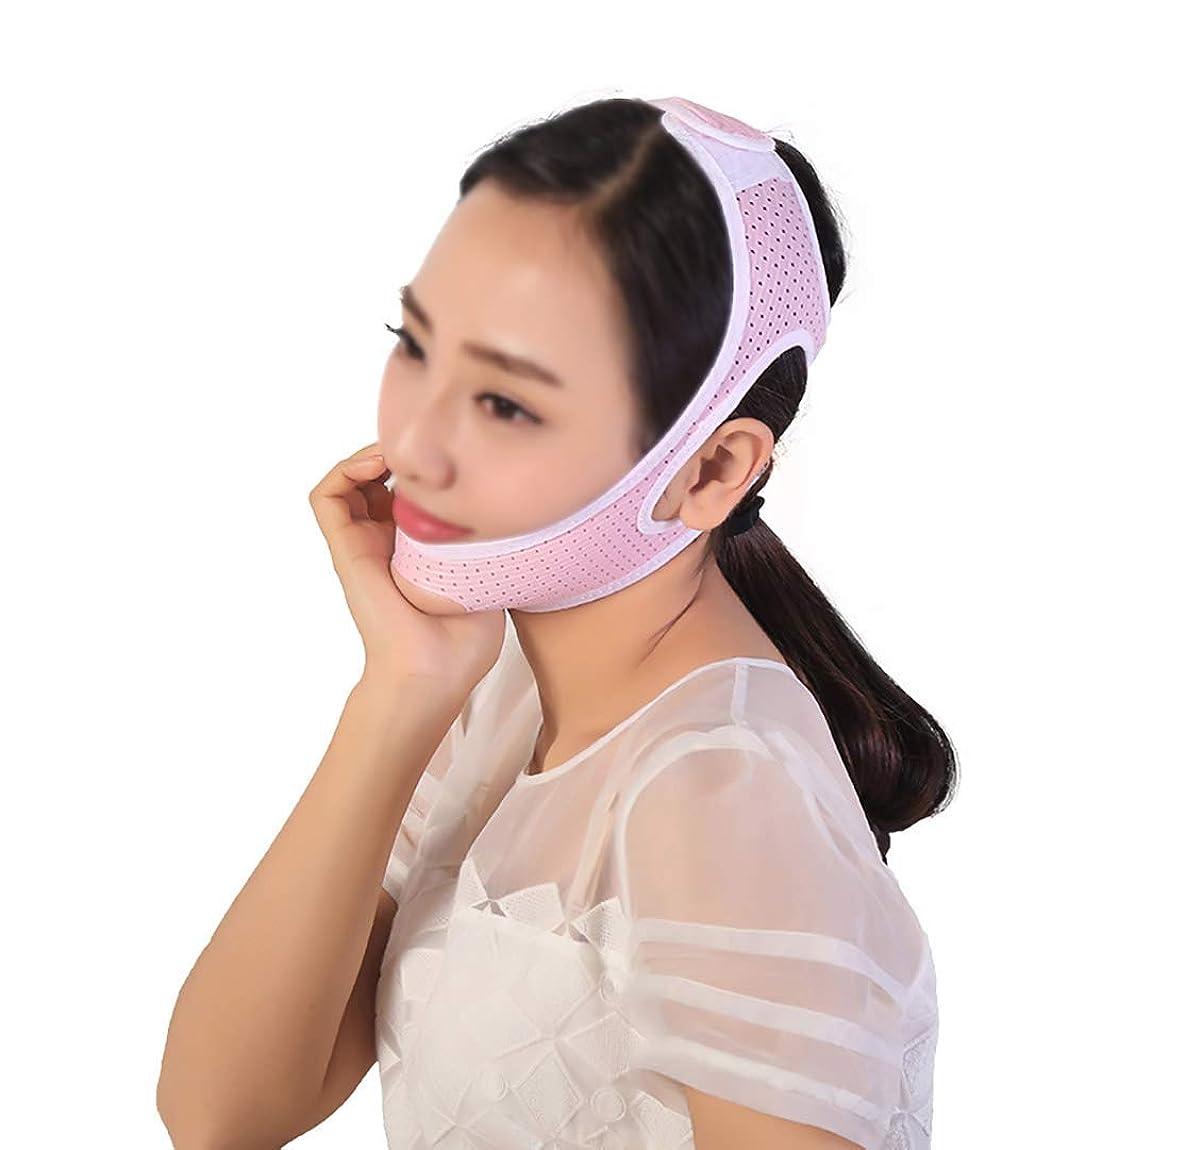 袋追放する前文顔用痩身マスク痩身包帯通気性フェイシャルダブルチンケア減量フェイスベルト(サイズ:L)